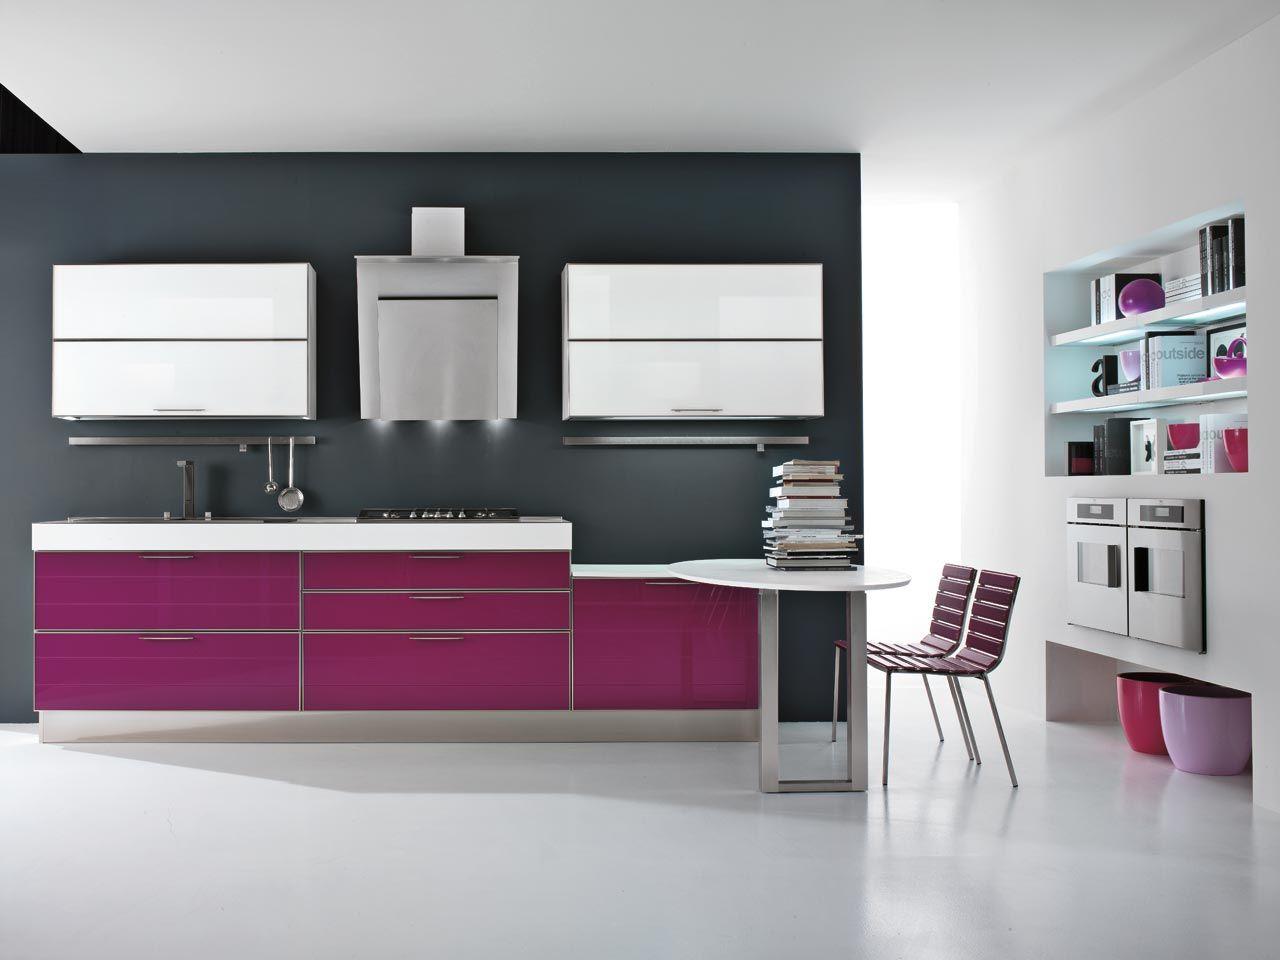 Lucy cocina en aluminio y vidrio by lube industries s r l - Cocina aluminio ...